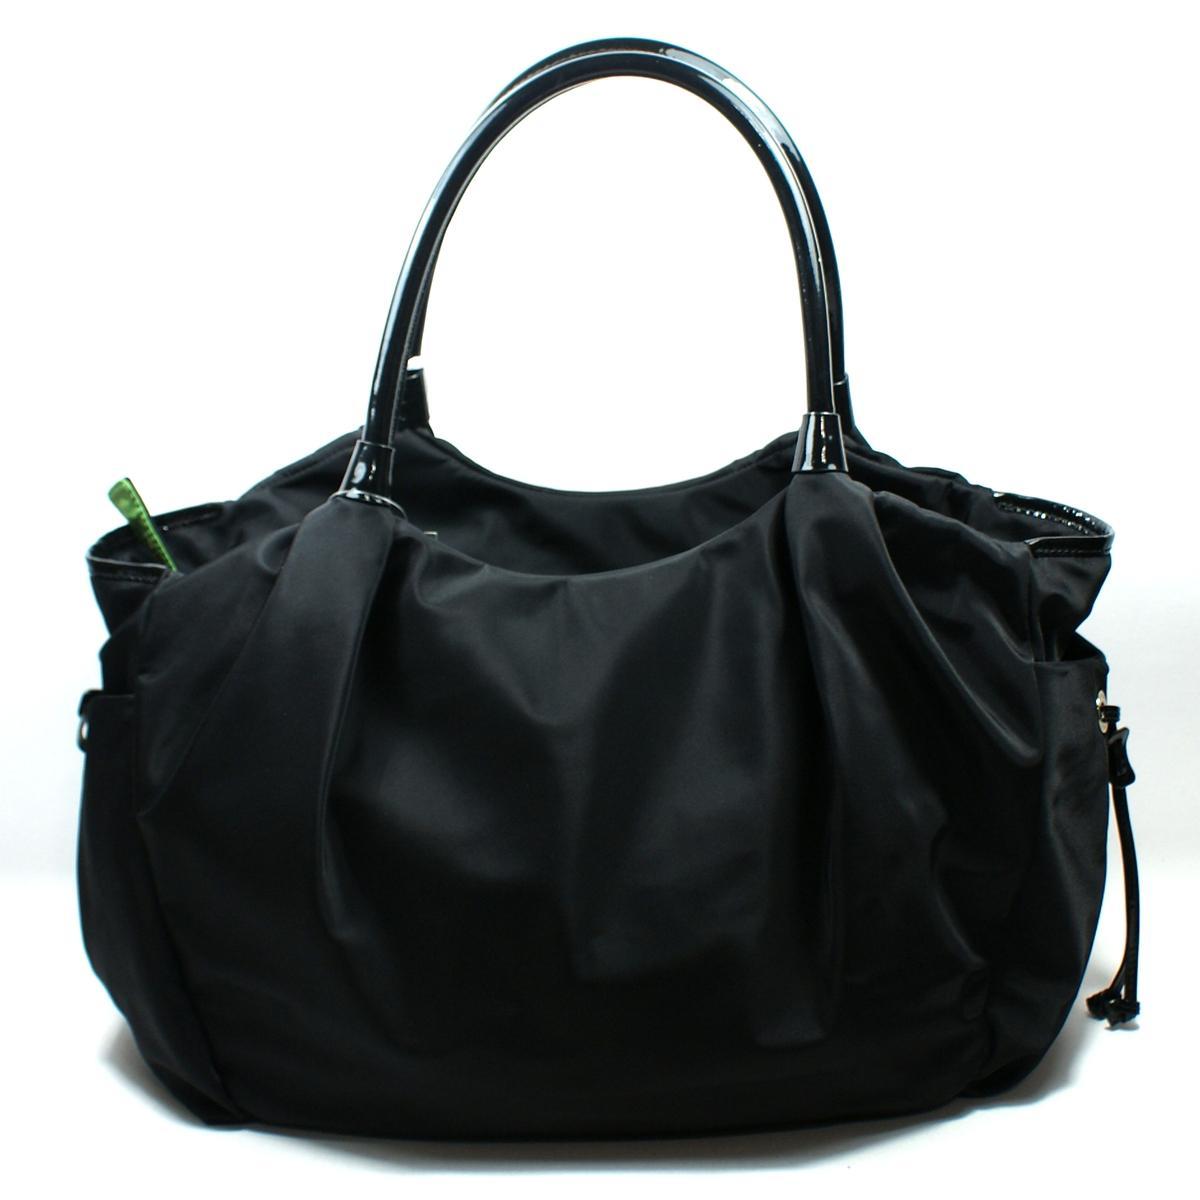 Kate Spade Stevie Baby Bag Basic Nylon Black Diaper Bag